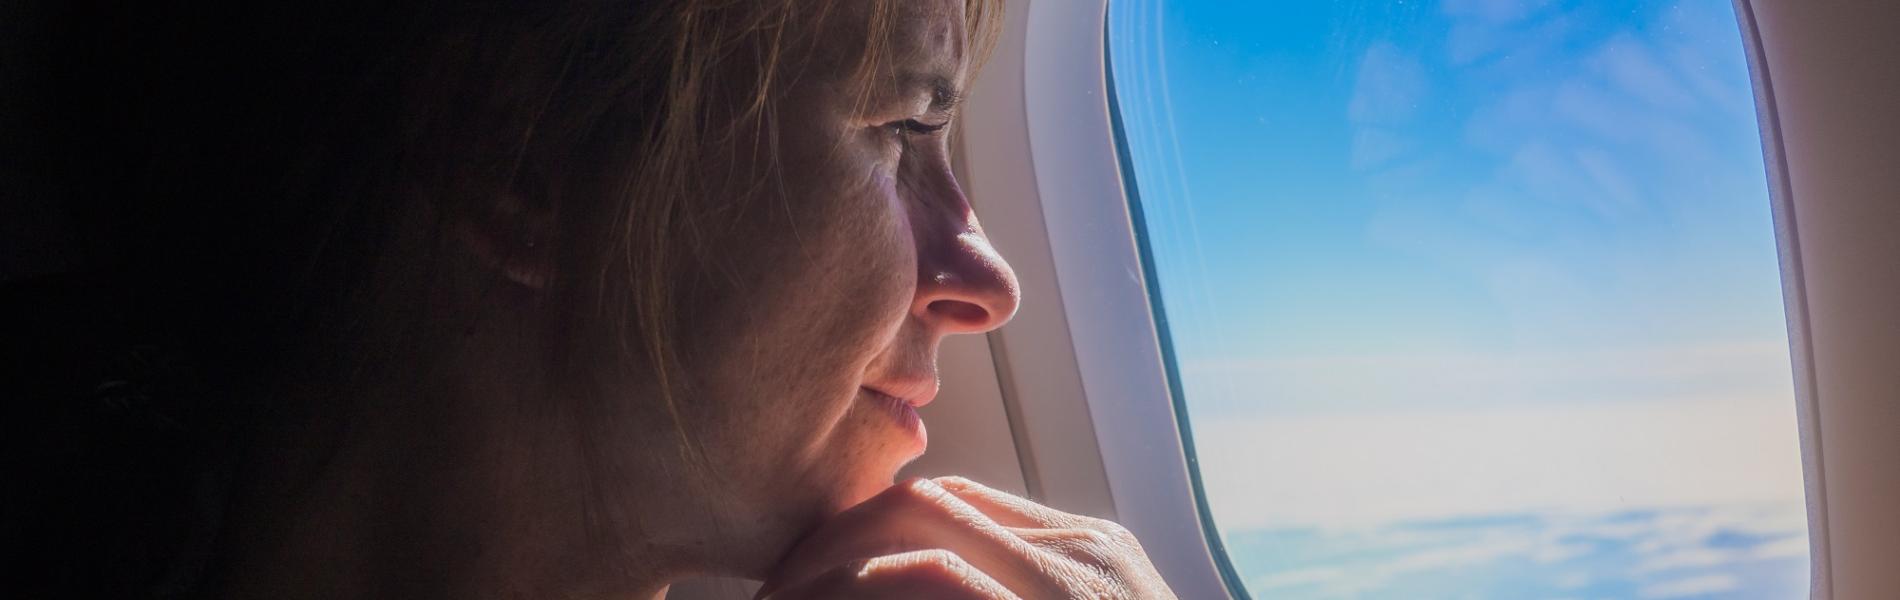 כן בלי בתי: אמהות שהחליטו לטוס לבד לחופשה ולהשאיר בבית תינוק בן כמה חודשים